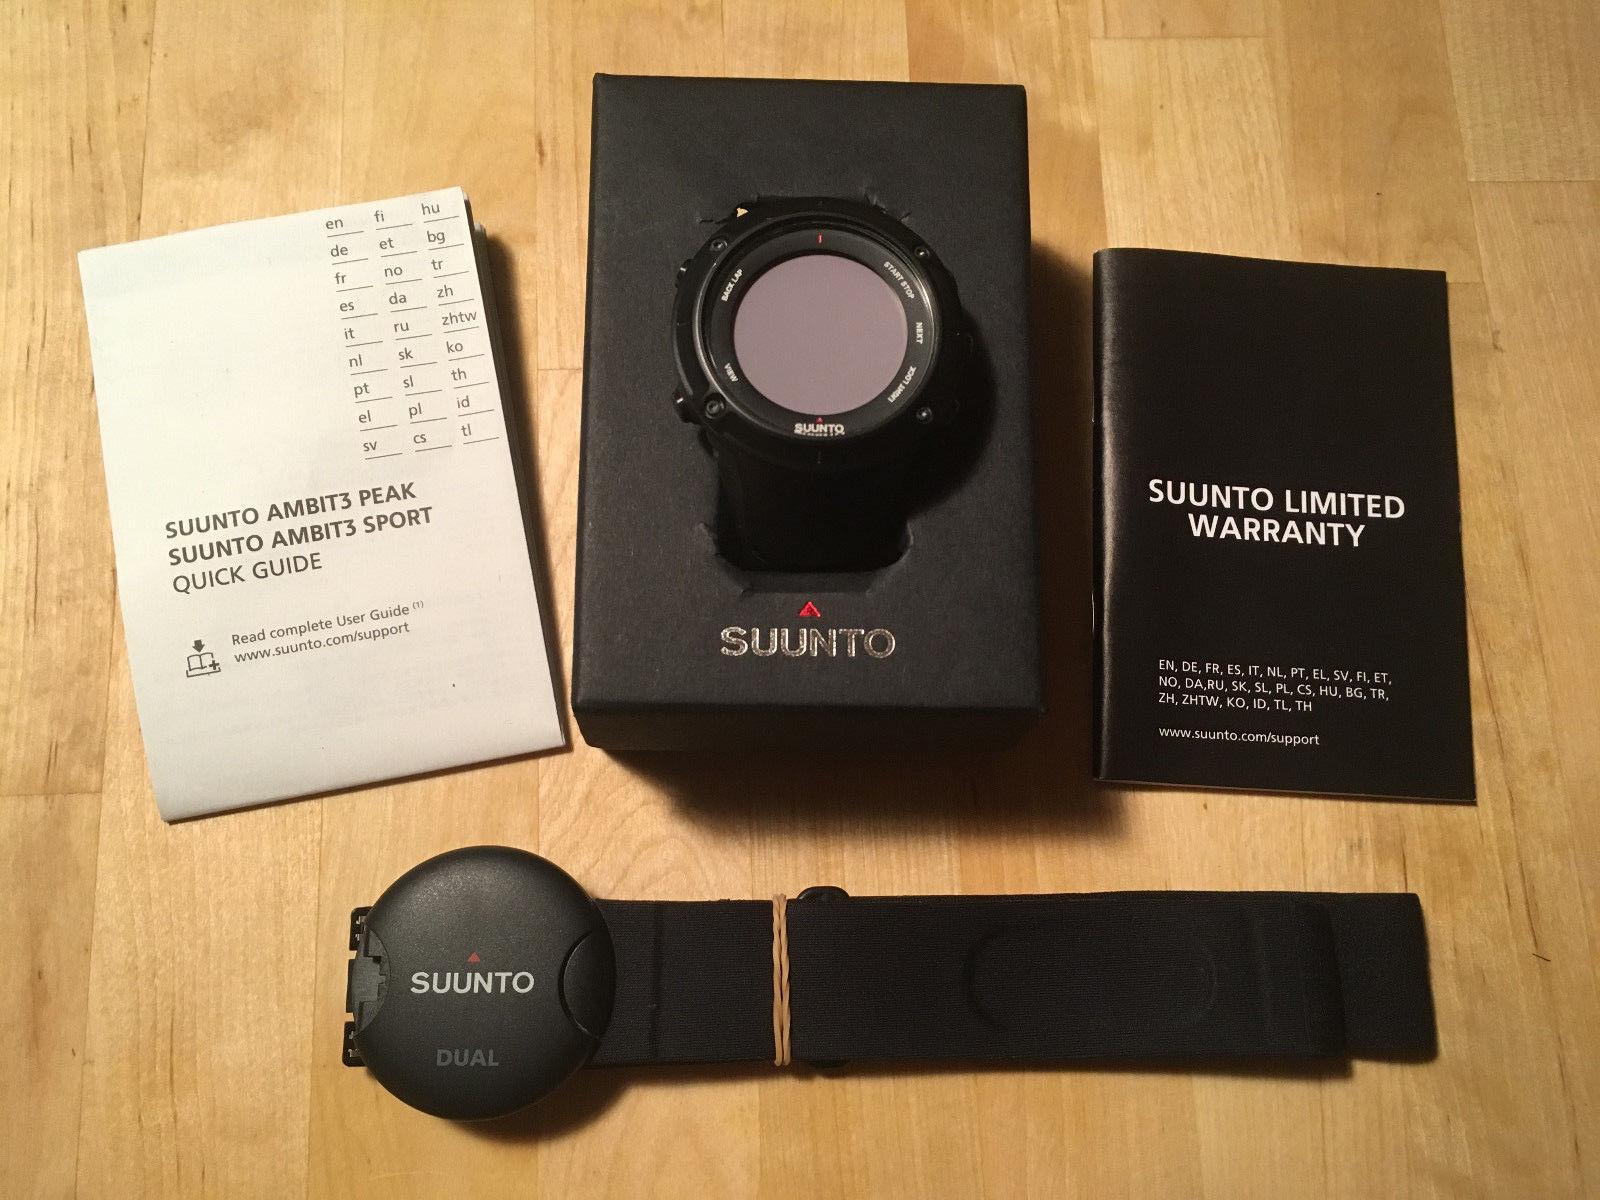 Suunto Ambit 3 PEAK Black in Bestzustand mit neuem HR Gurt und Ladekabel